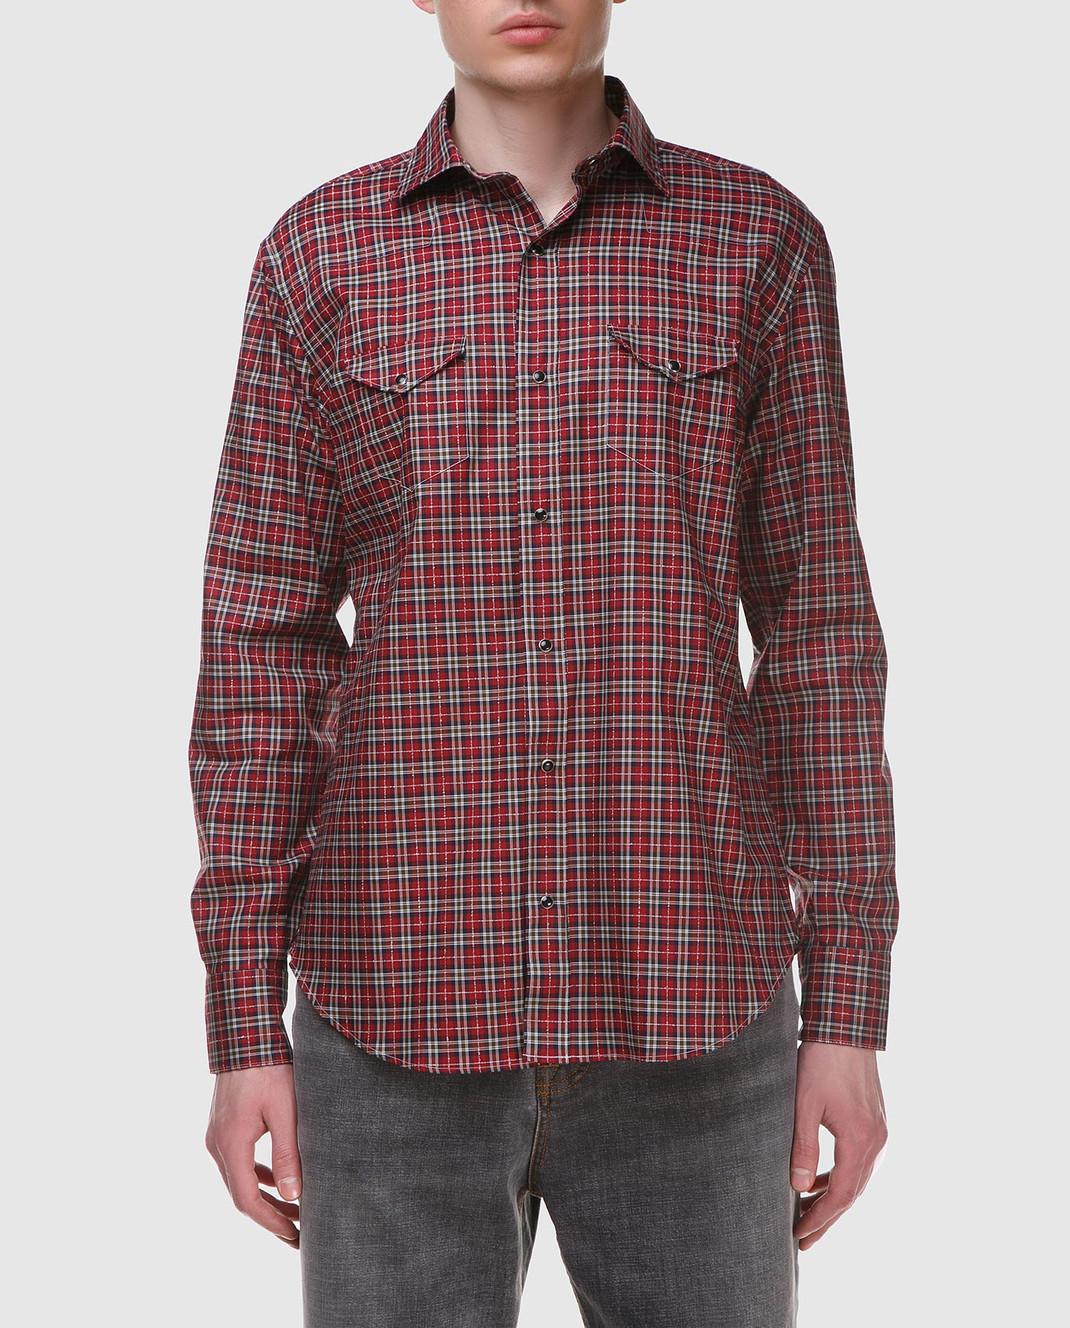 Eleventy Красная рубашка из египетского хлопка 979CA0056CAM24022 изображение 3